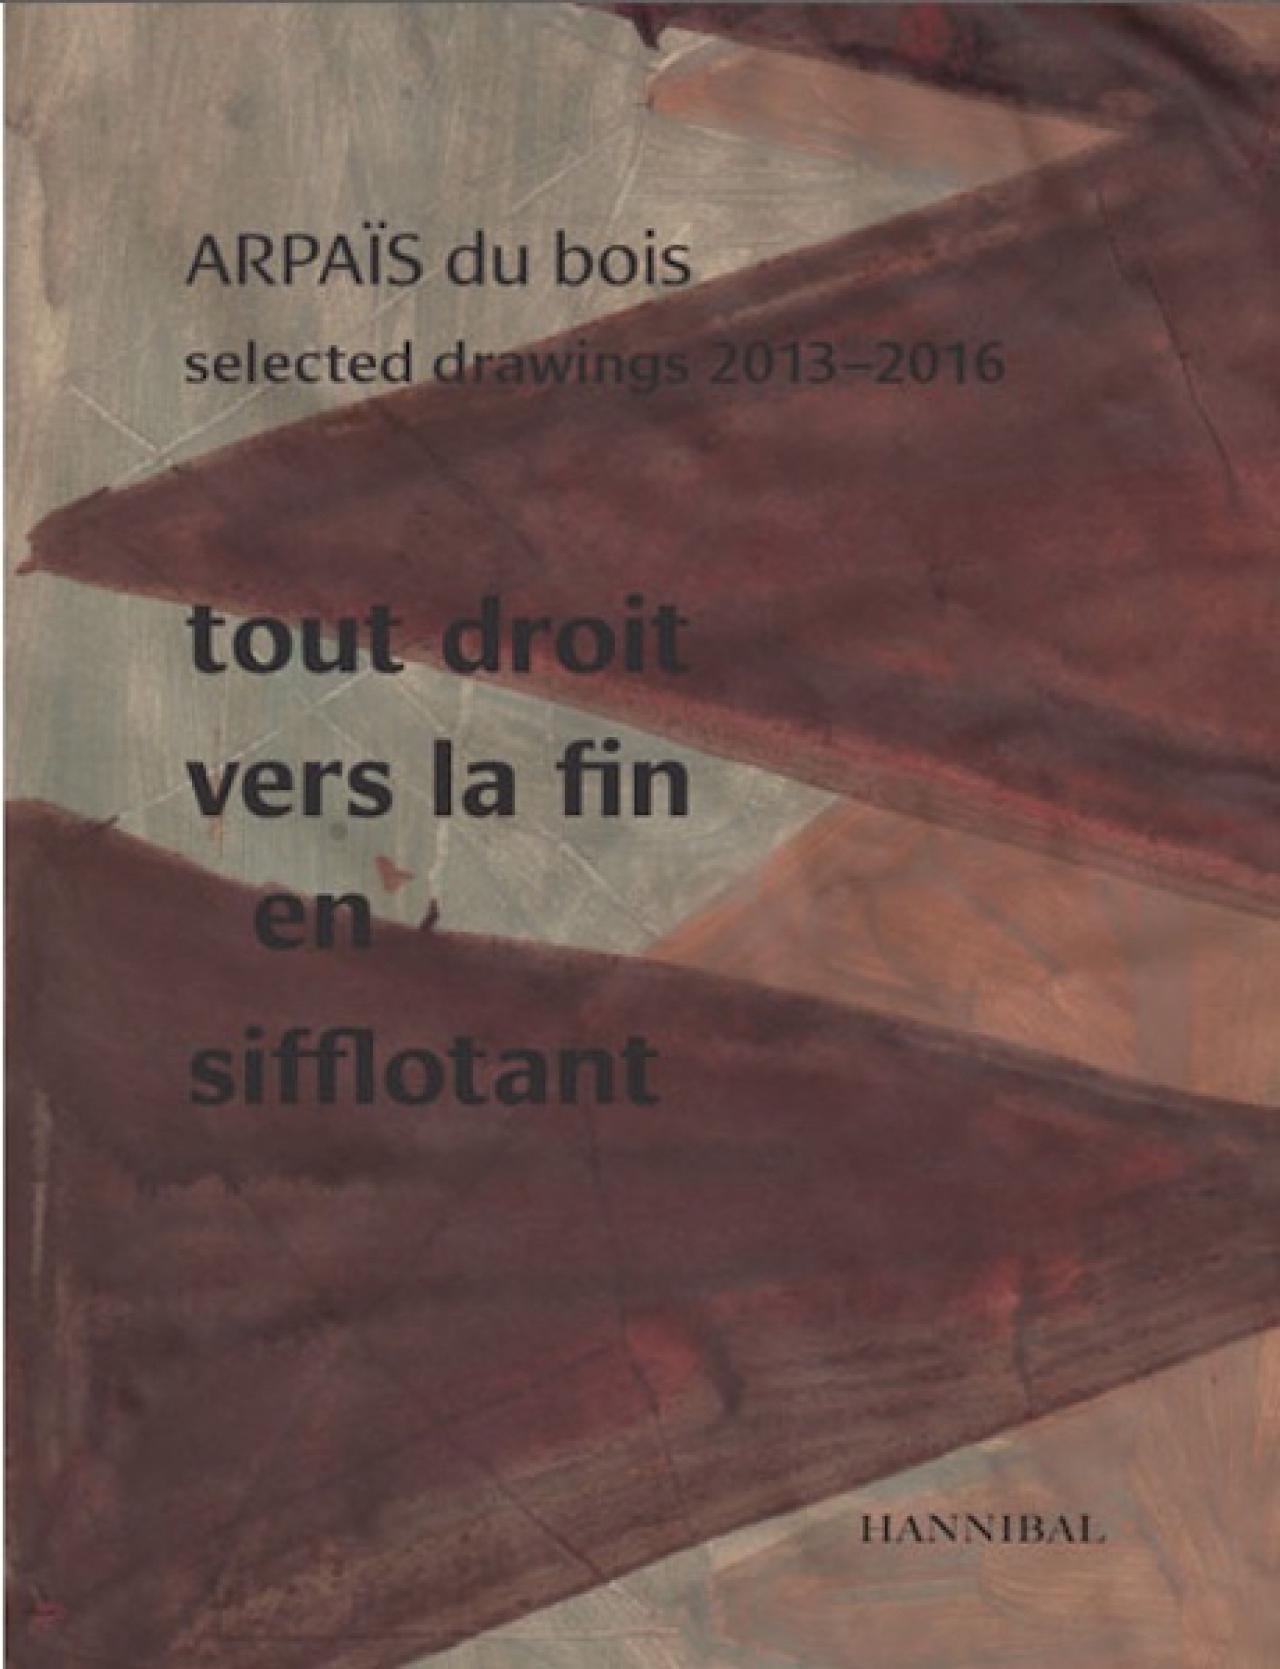 Arpaïs Du Bois: Selected drawings 2013-2016 | Tout Droit Vers La Fin En Sifflotant